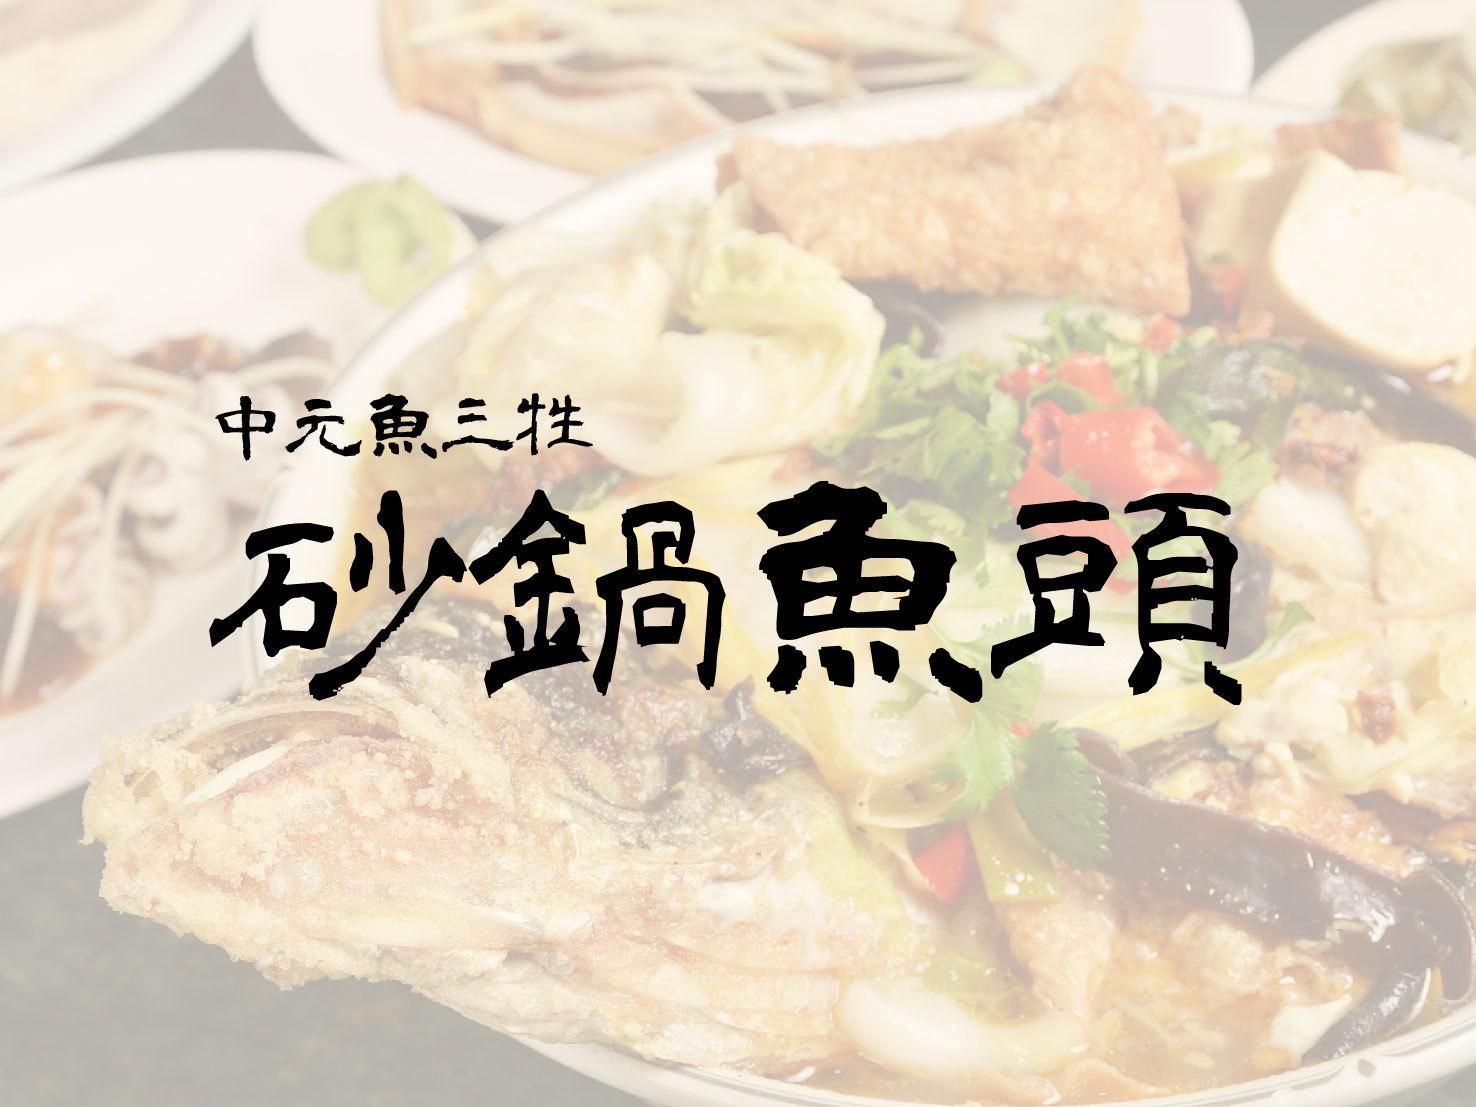 聰明改造中元魚三牲【砂鍋魚頭】